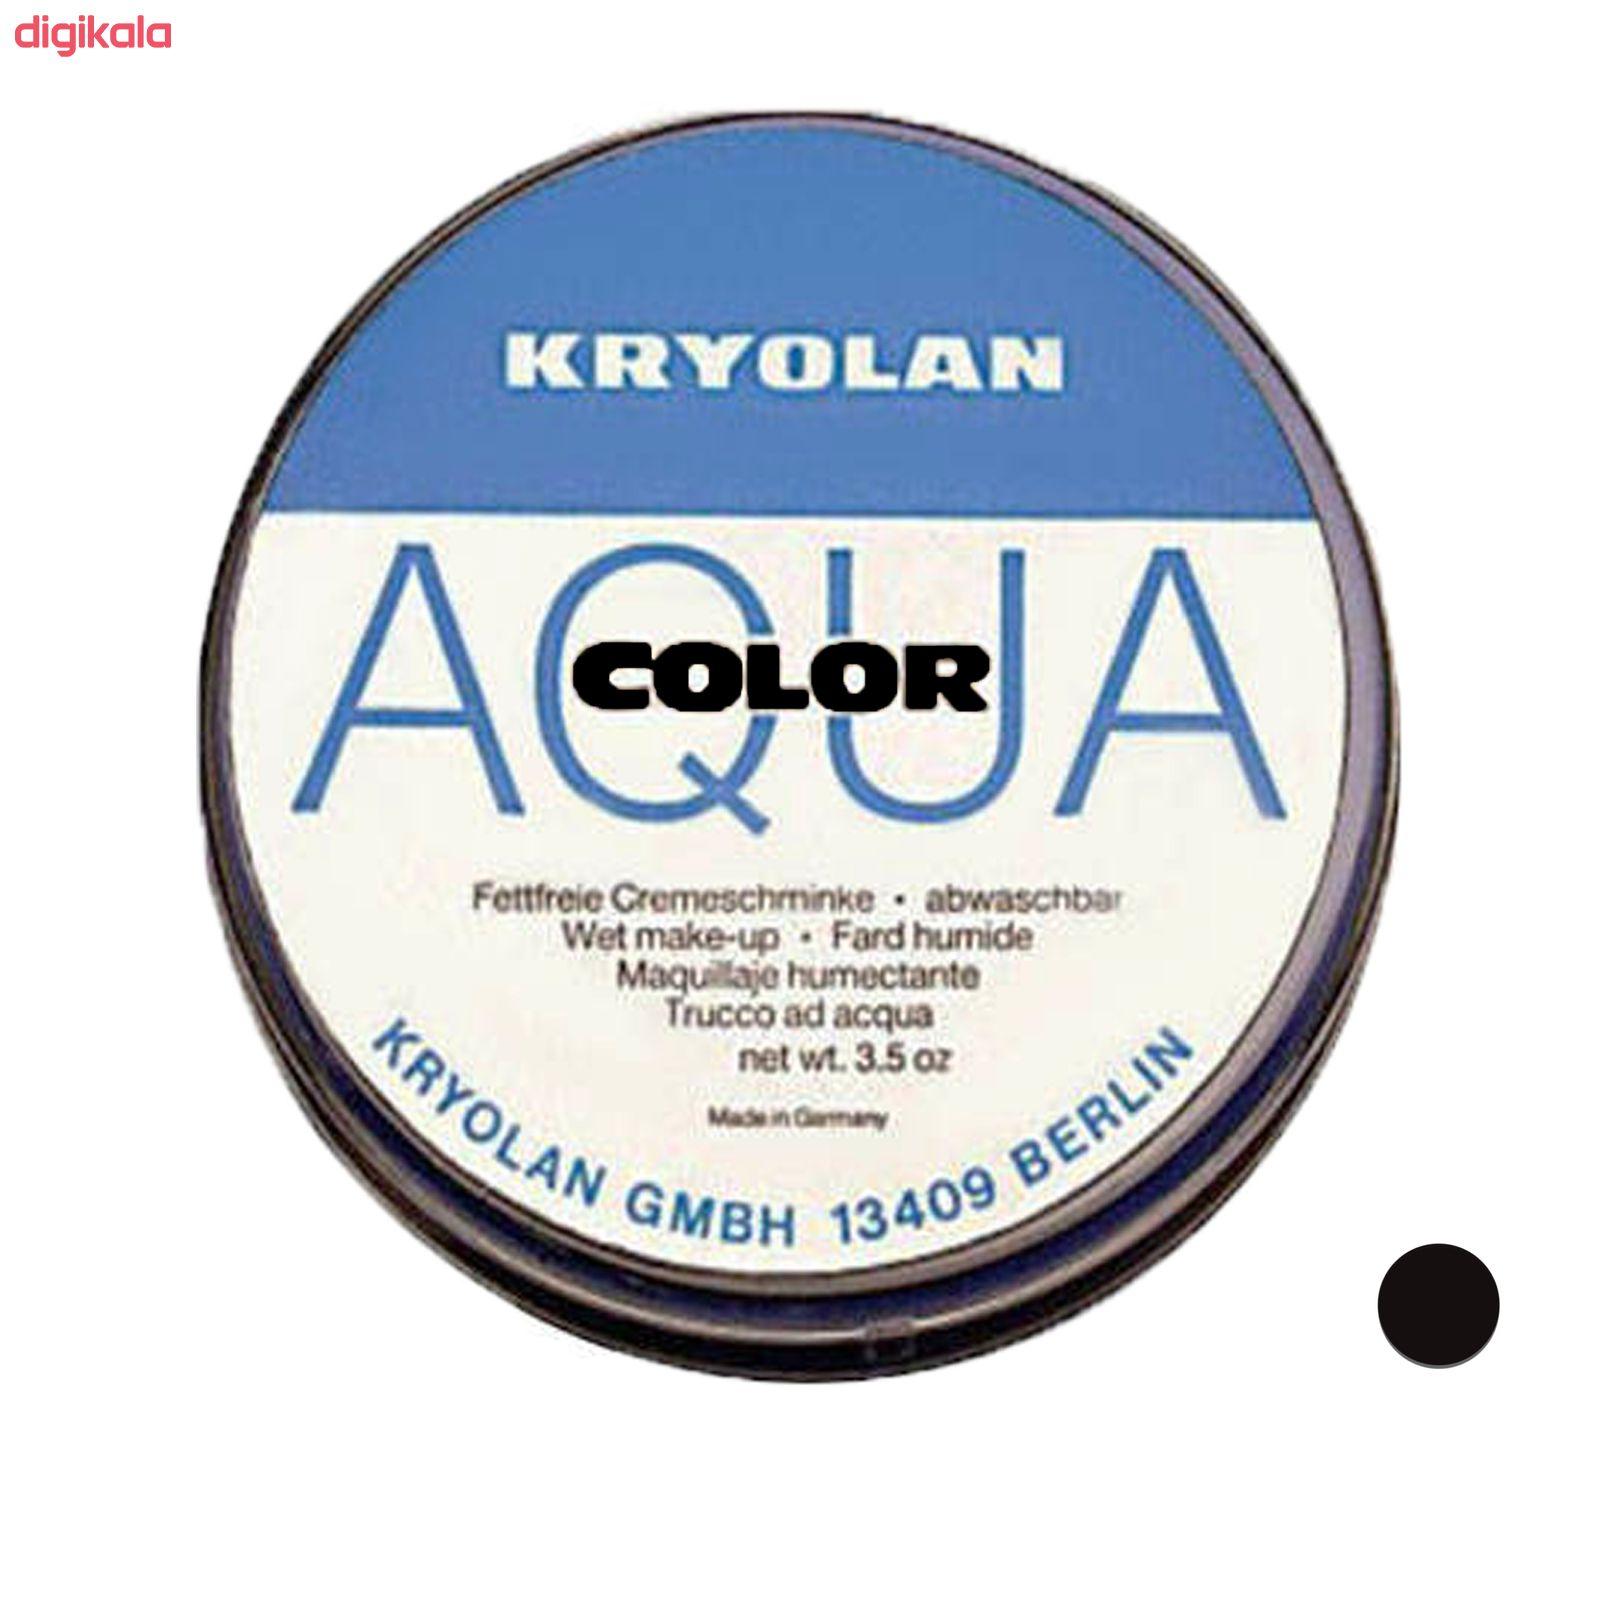 خط چشم و ابرو کریولان مدل Aqua شماره 070 main 1 1